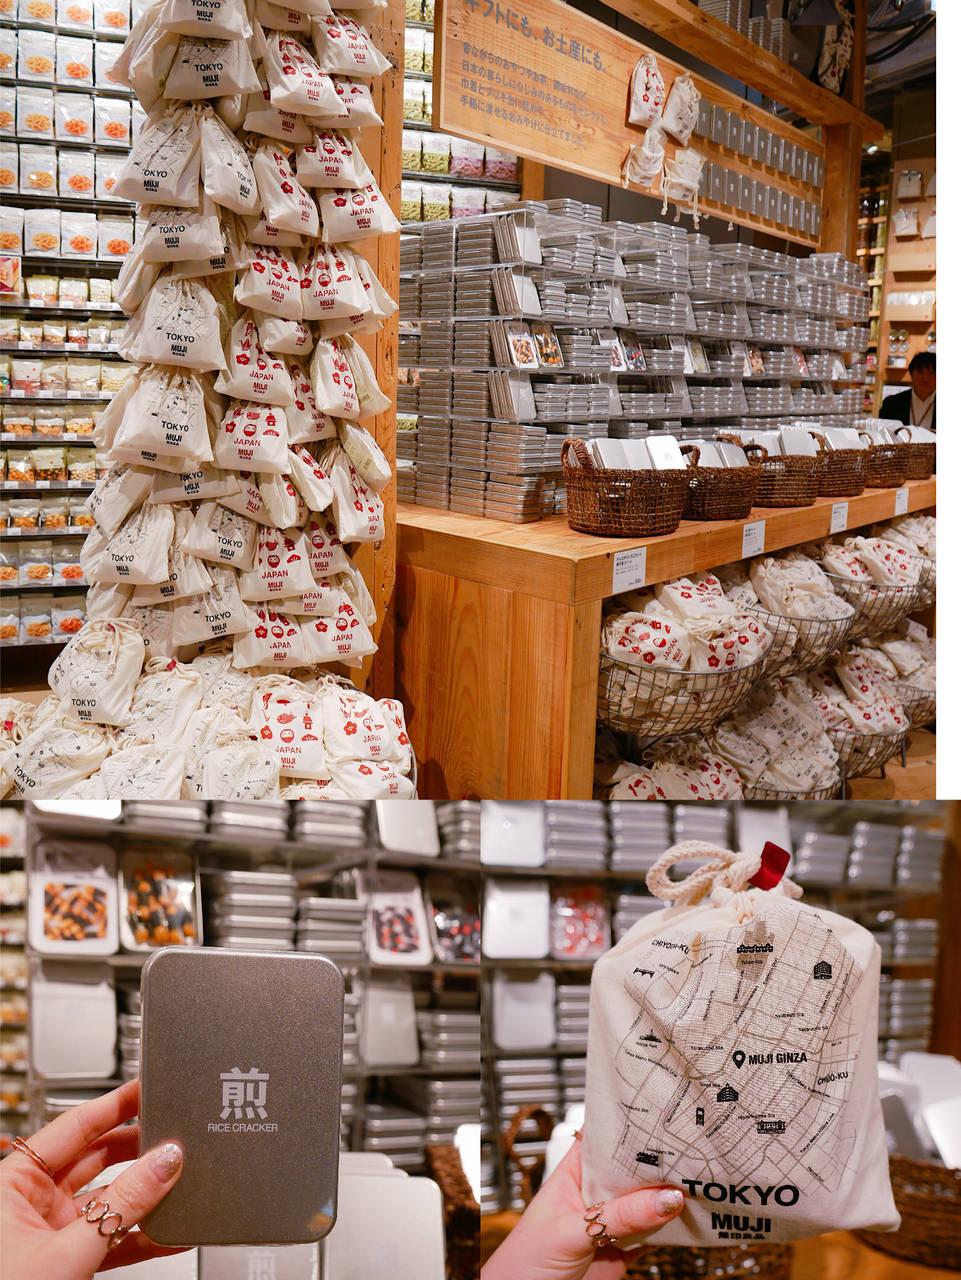 ▲非常可愛的土產區,簡單時尚的包裝,送禮自用兼得宜。